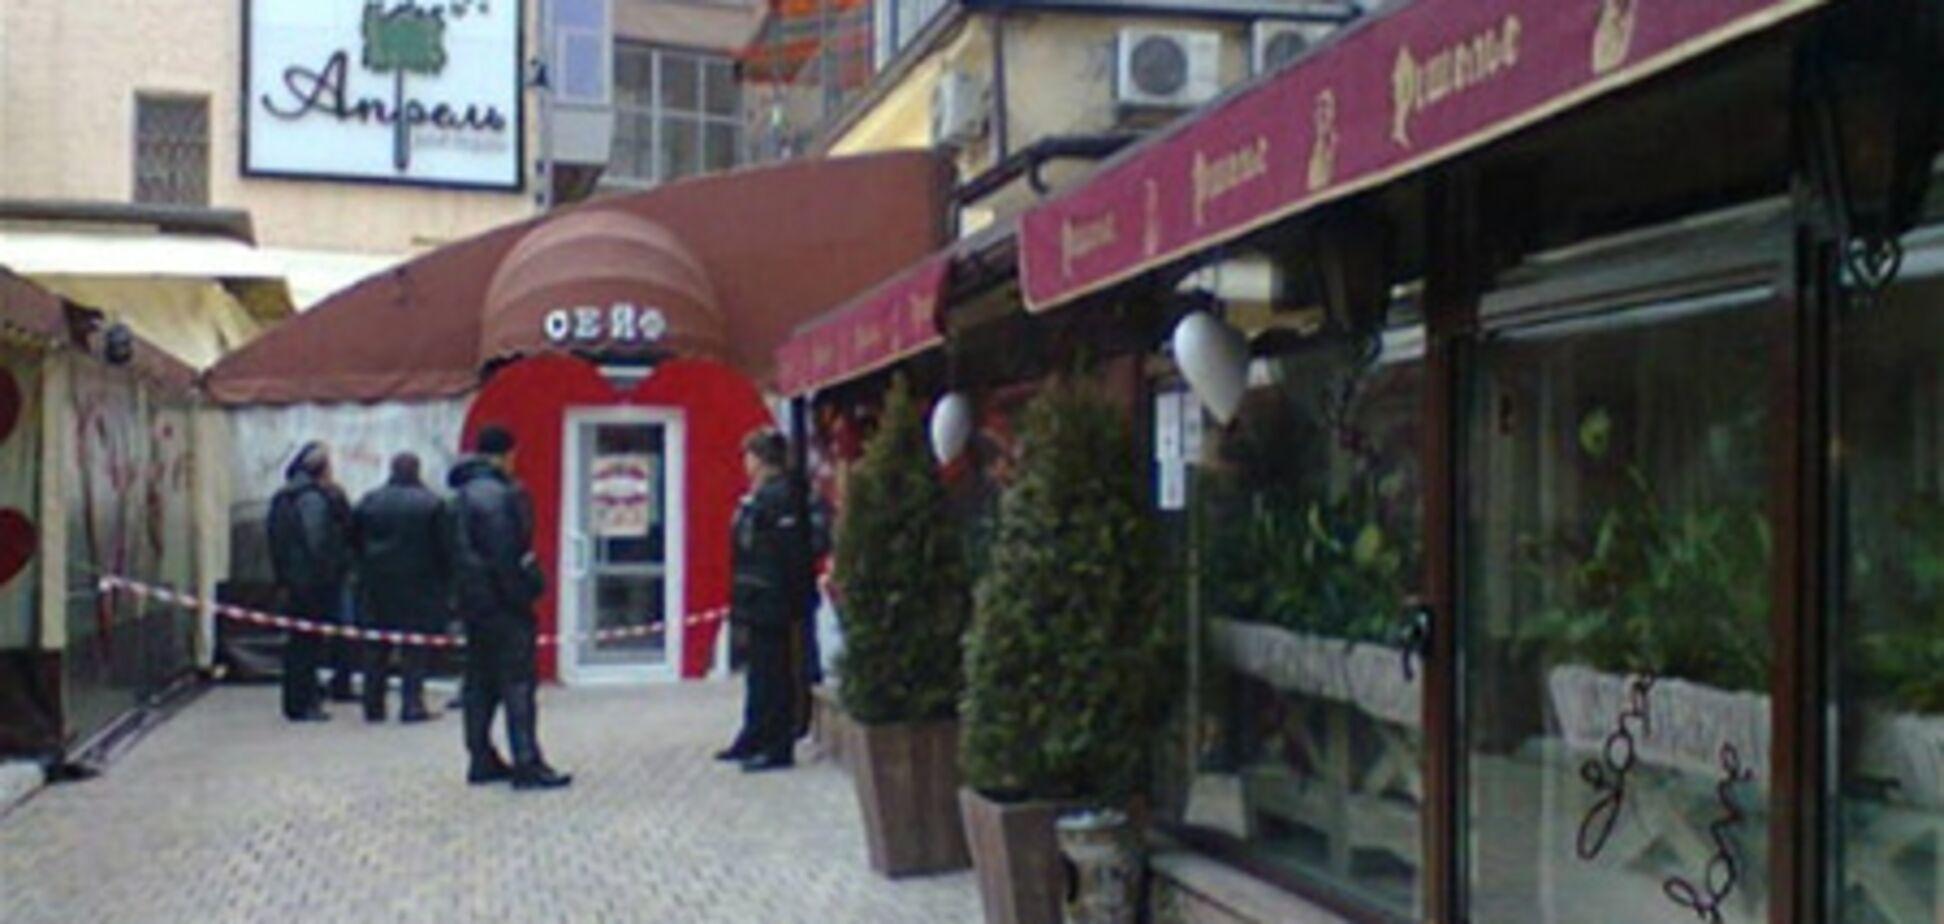 Ресторан 'Апрель', в котором произошел взрыв, снова работает